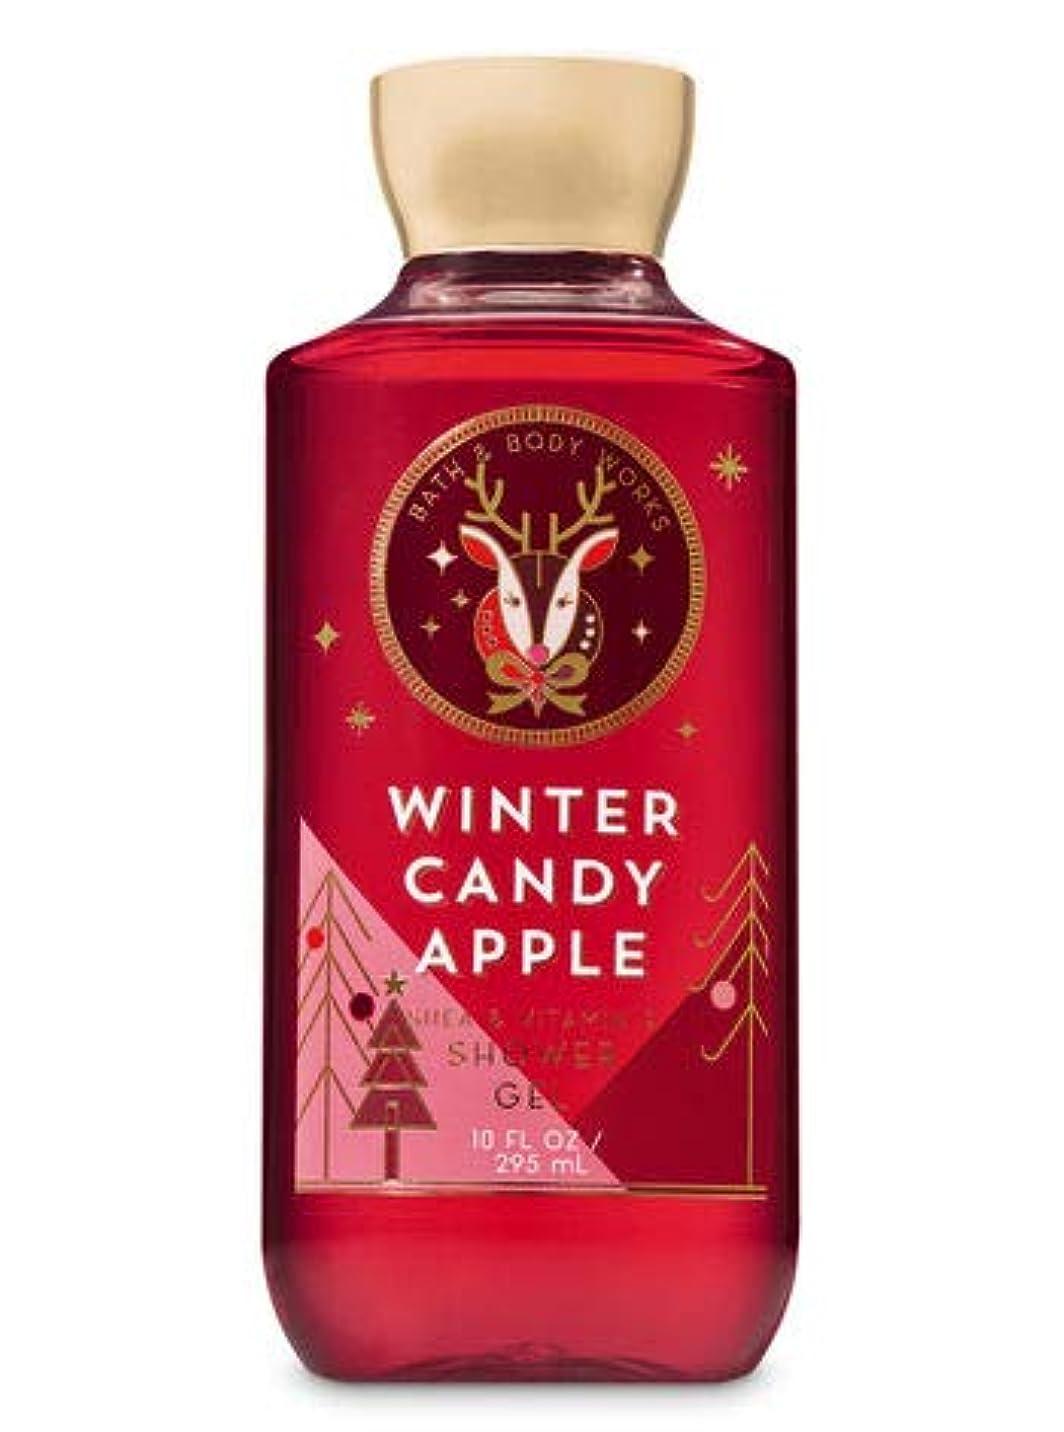 タイトル海里もう一度【Bath&Body Works/バス&ボディワークス】 シャワージェル ウィンターキャンディアップル Shower Gel Winter Candy Apple 10 fl oz / 295 mL [並行輸入品]